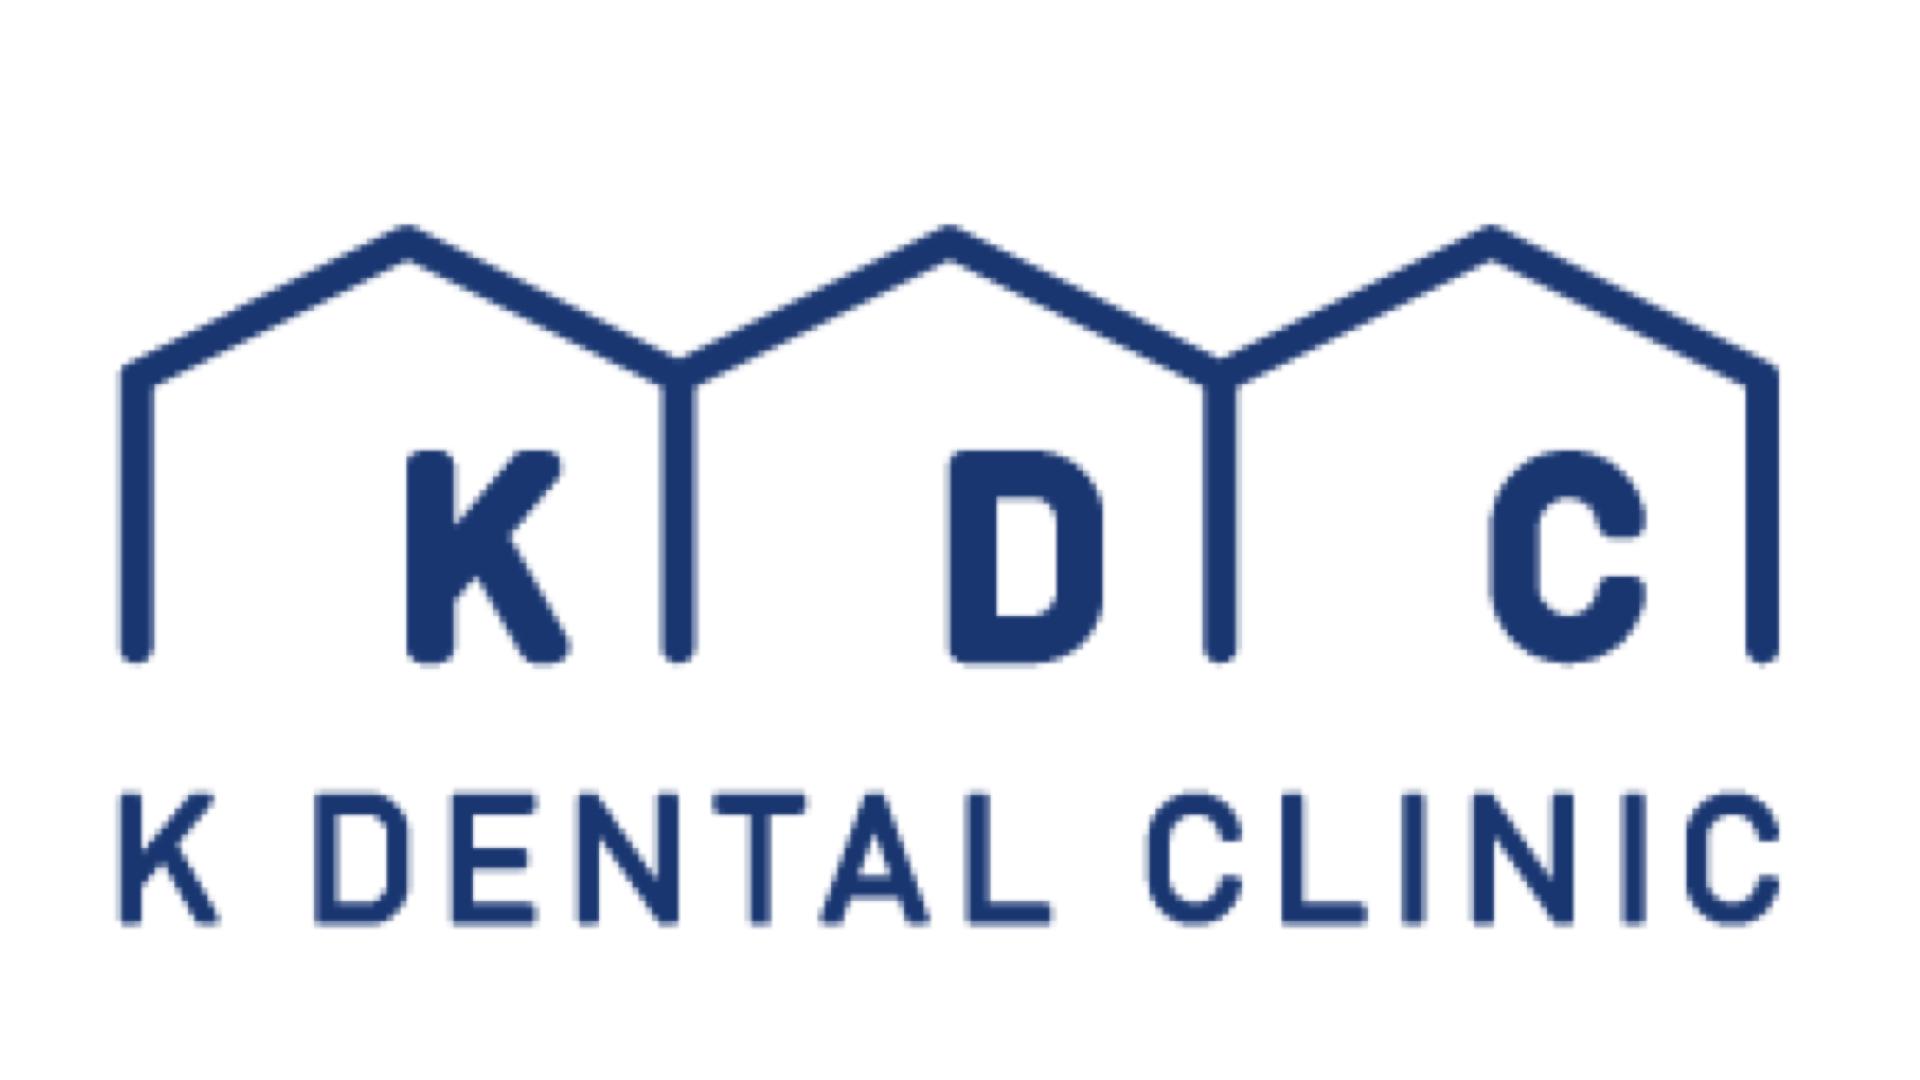 kdc-logo.png